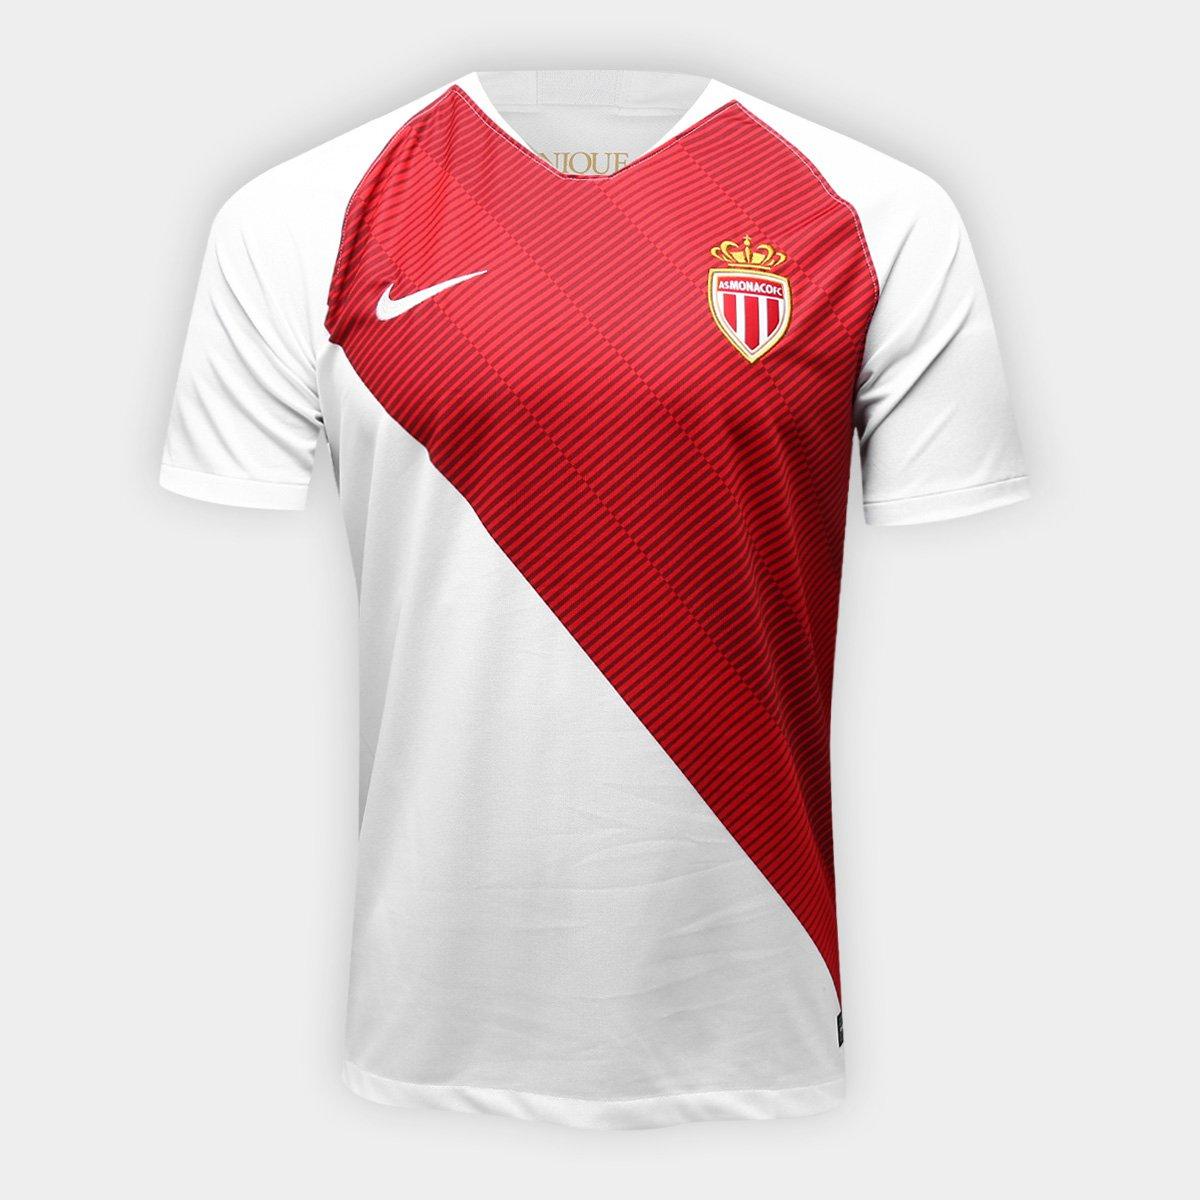 Camisa Monaco Home 2018 s n° - Torcedor Nike Masculina - Branco e ... 2326b538f6ca1